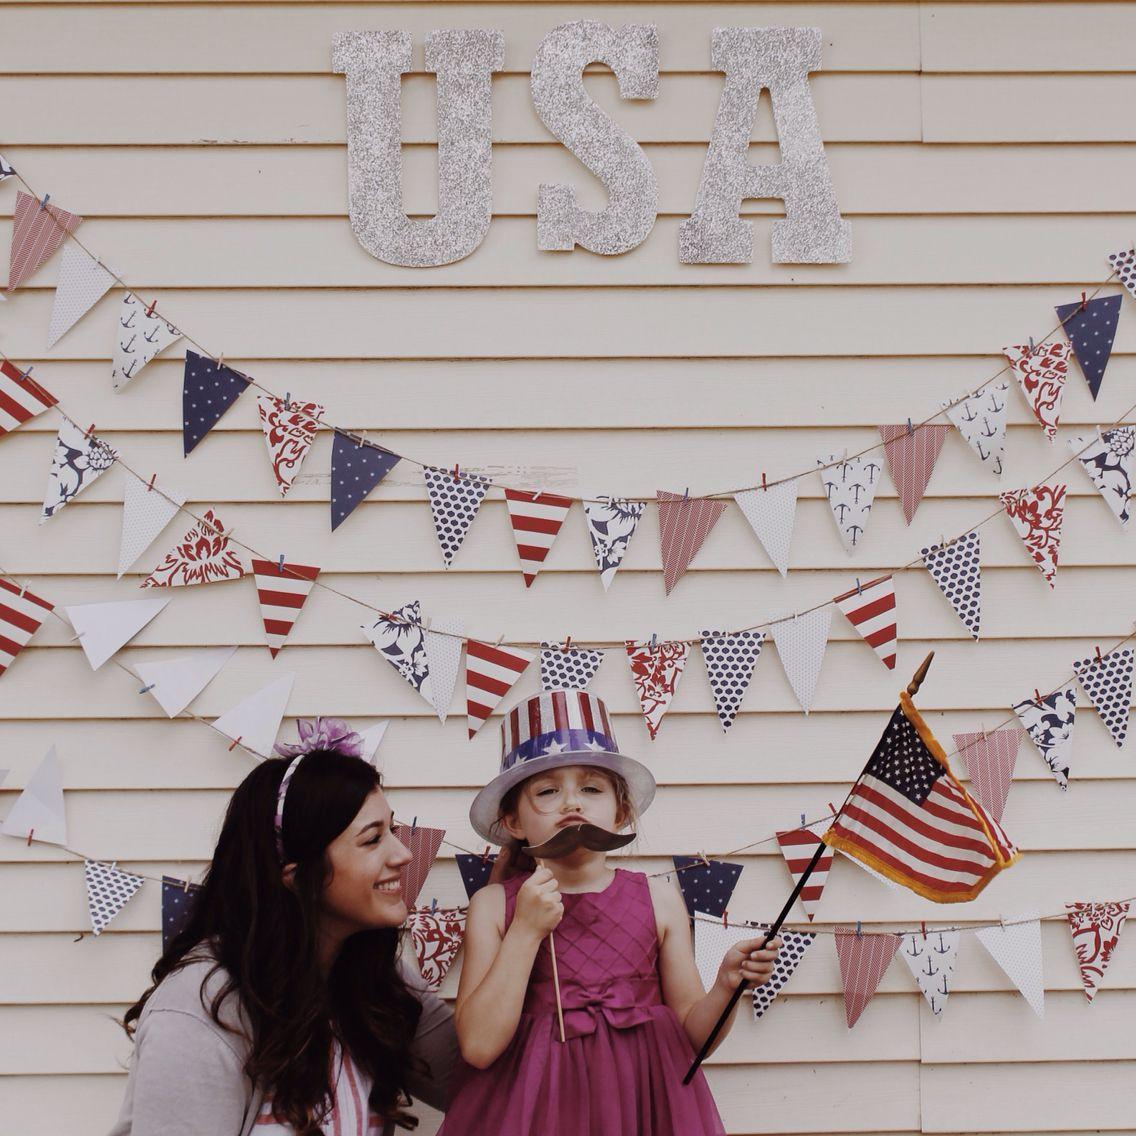 USA inspired photo backdrop #fourthofjuly #DIY #americanflag #decor #banner #USA #photobooth #party #photobackdrop #backdrop